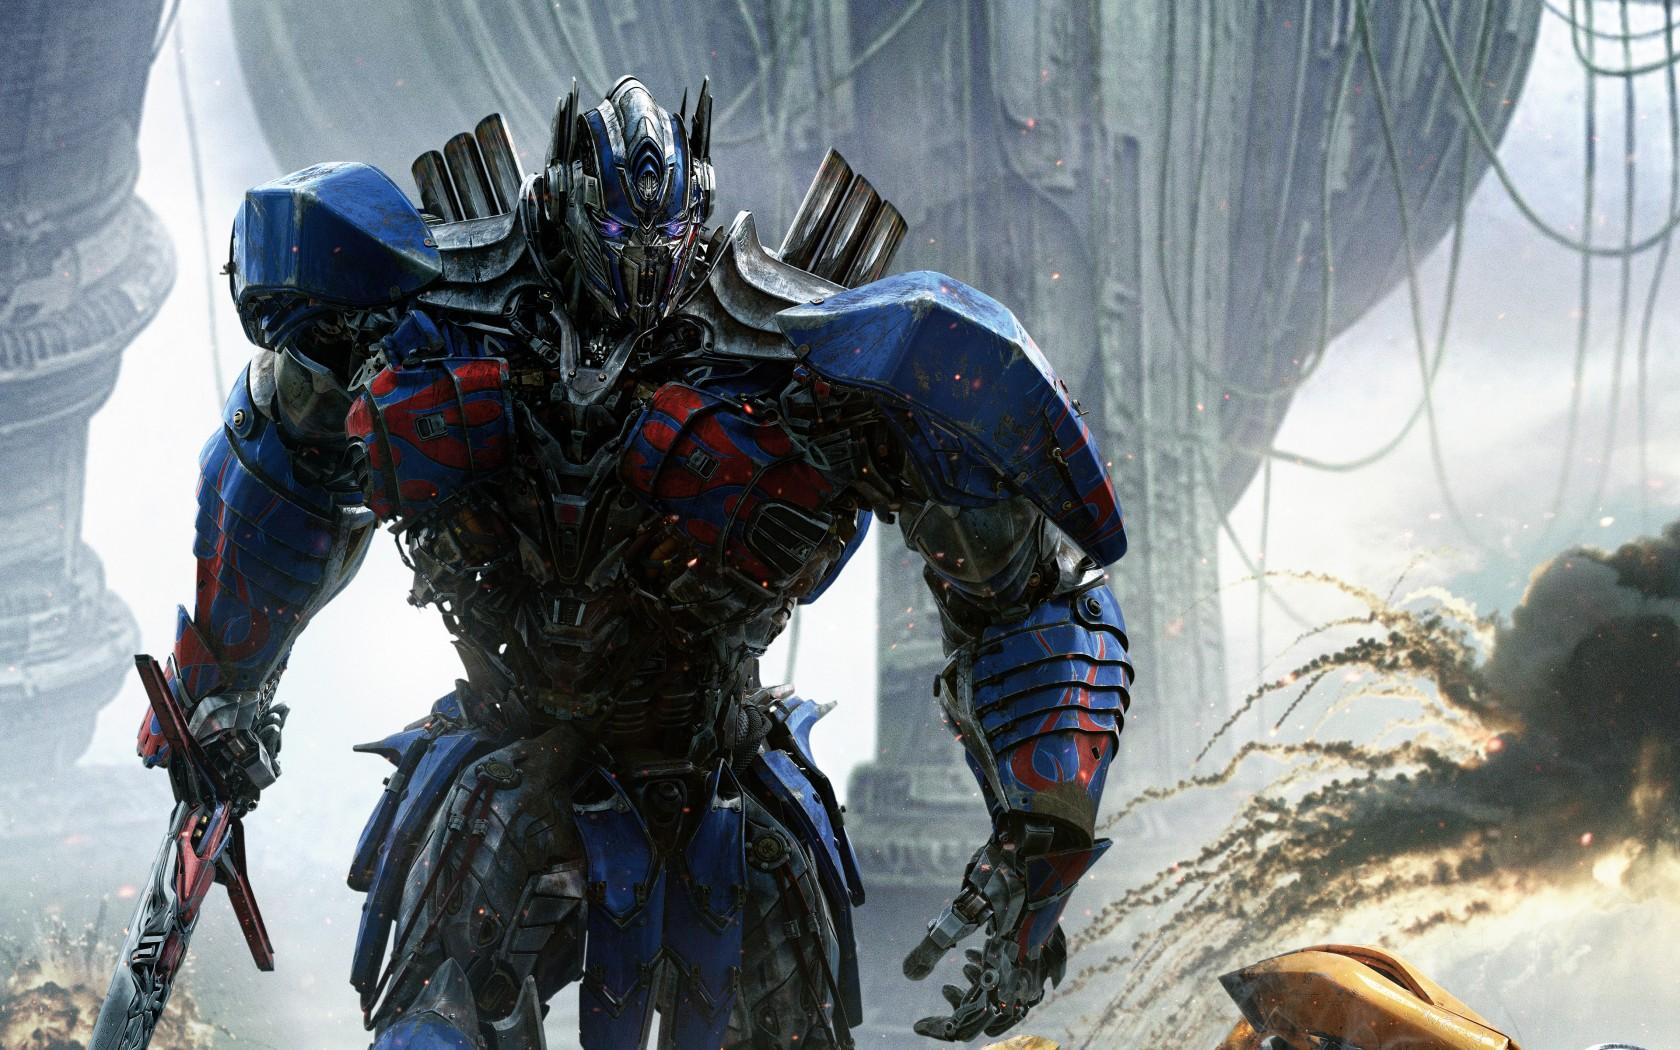 Optimus Prime The Last Knight Hd Wallpaper Optimus Prime Transformers The Last Knight 2017 Wallpapers